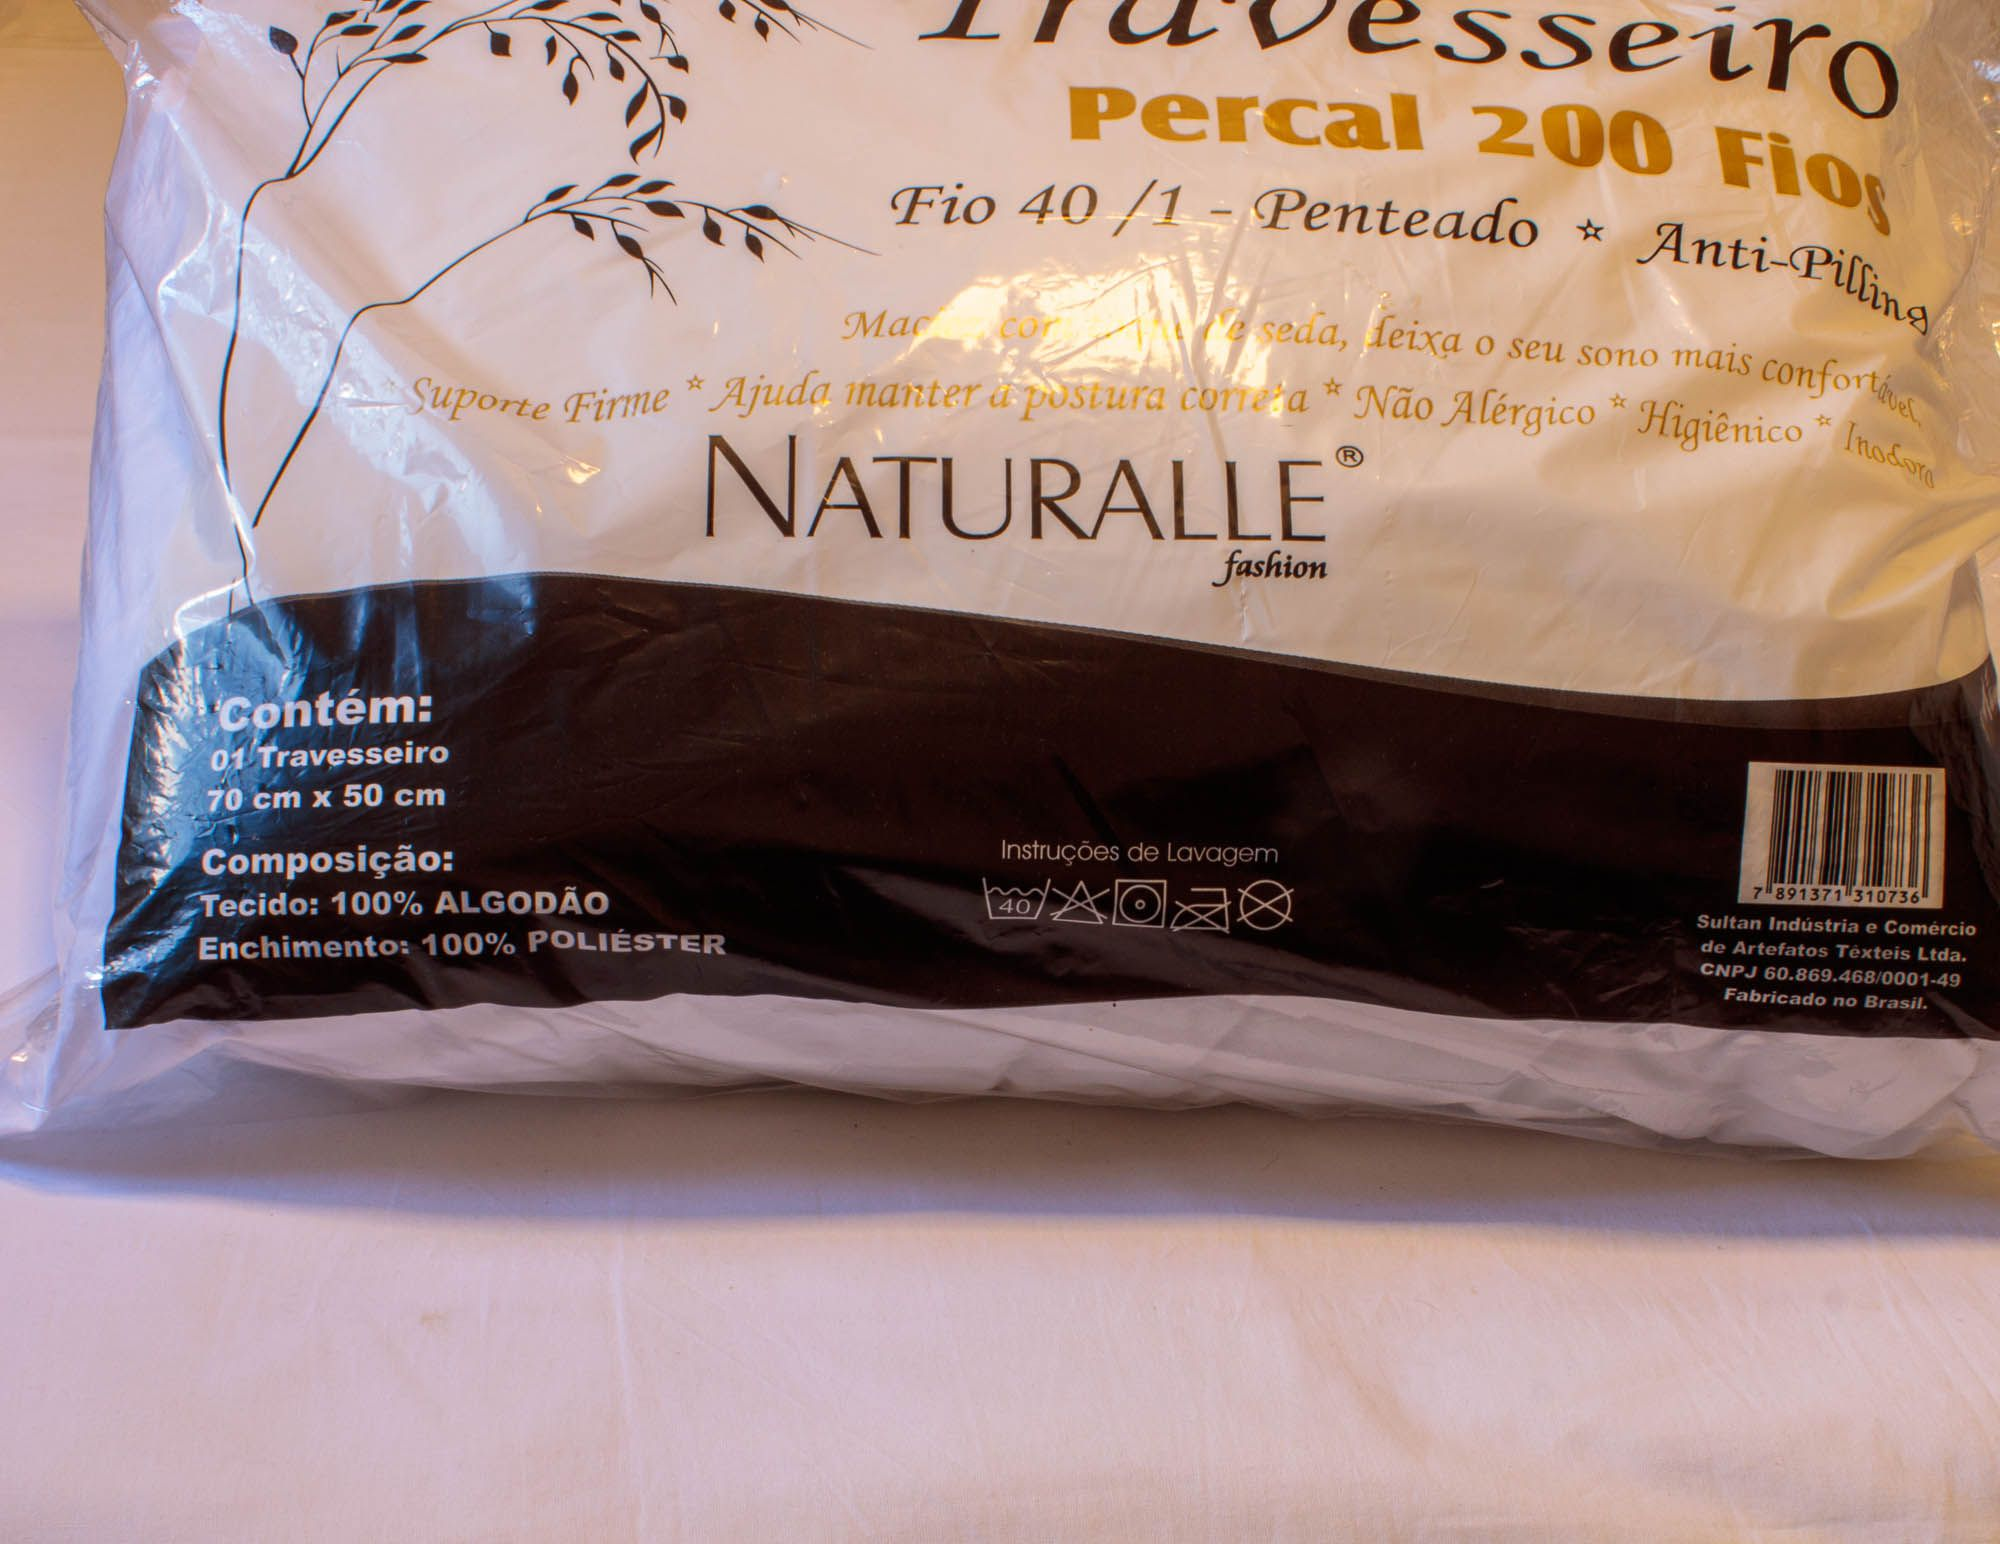 Travesseiro percal 200 fios sultan 100% algodão não alérgico inodoro higiênico naturalle fashion 70 cm x 50 cm